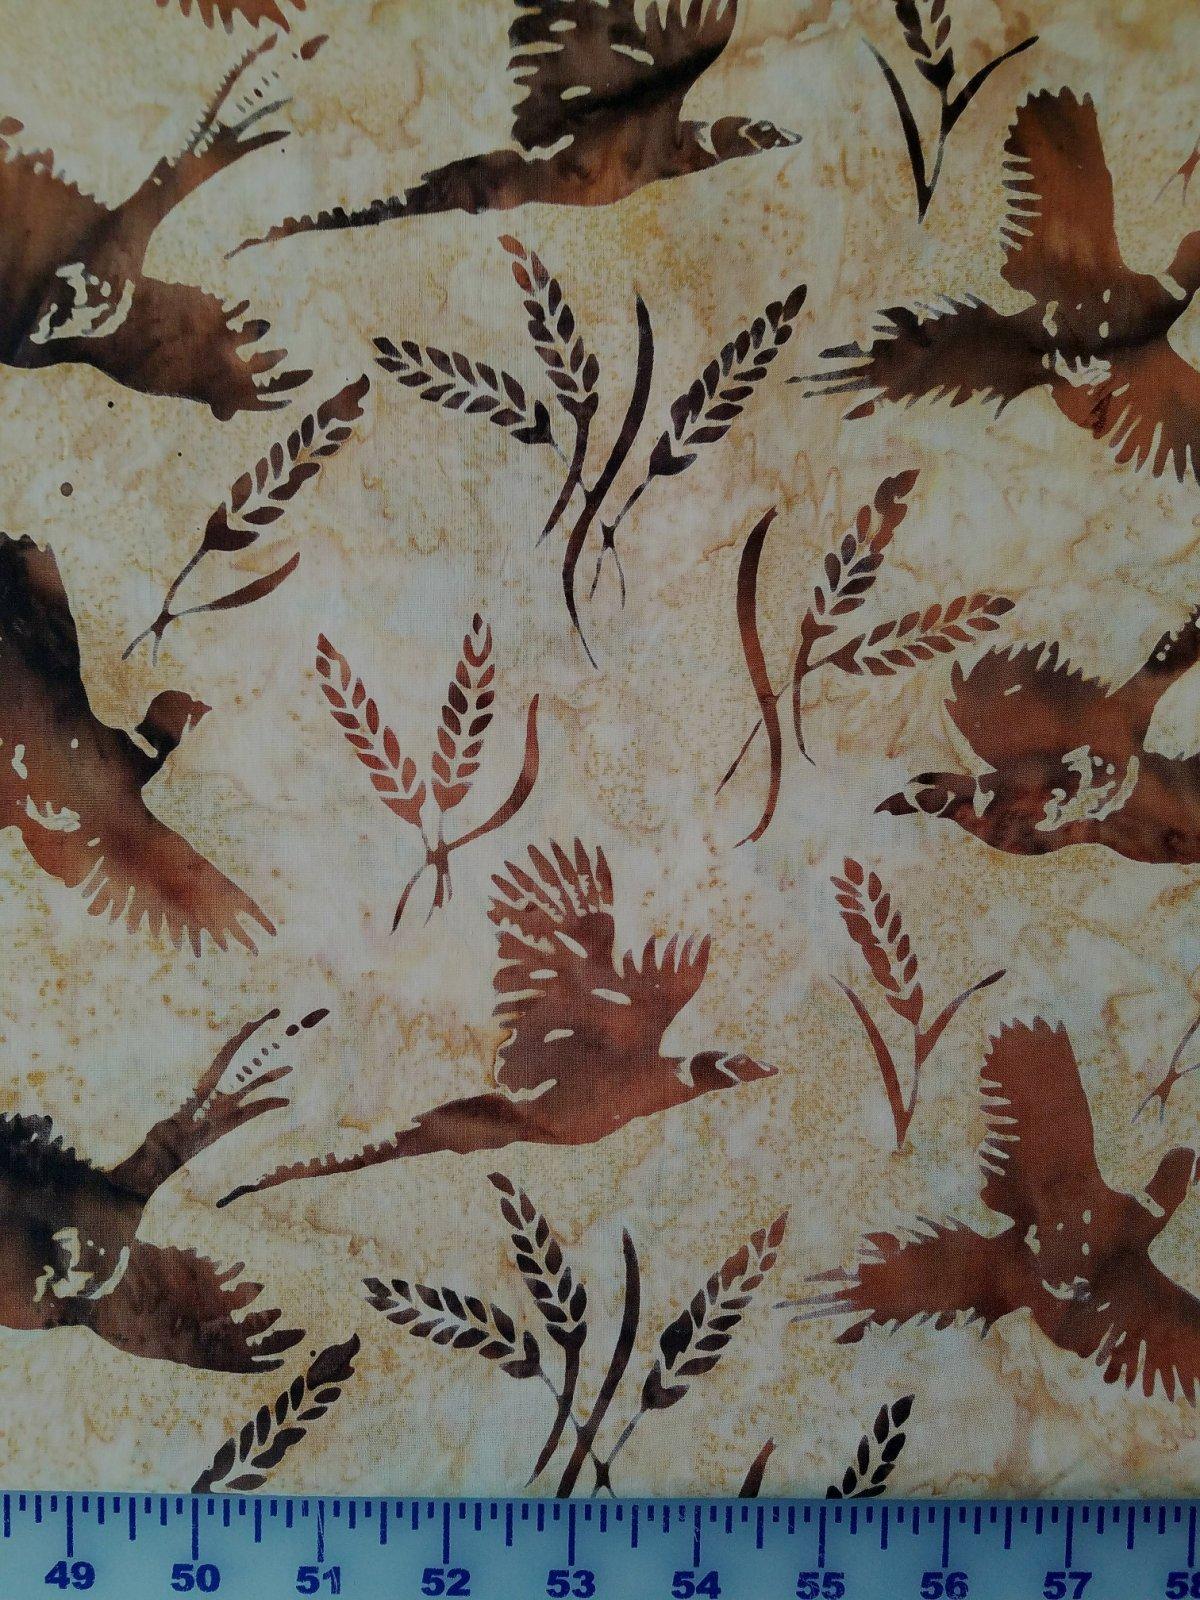 Pheasants & Wheat